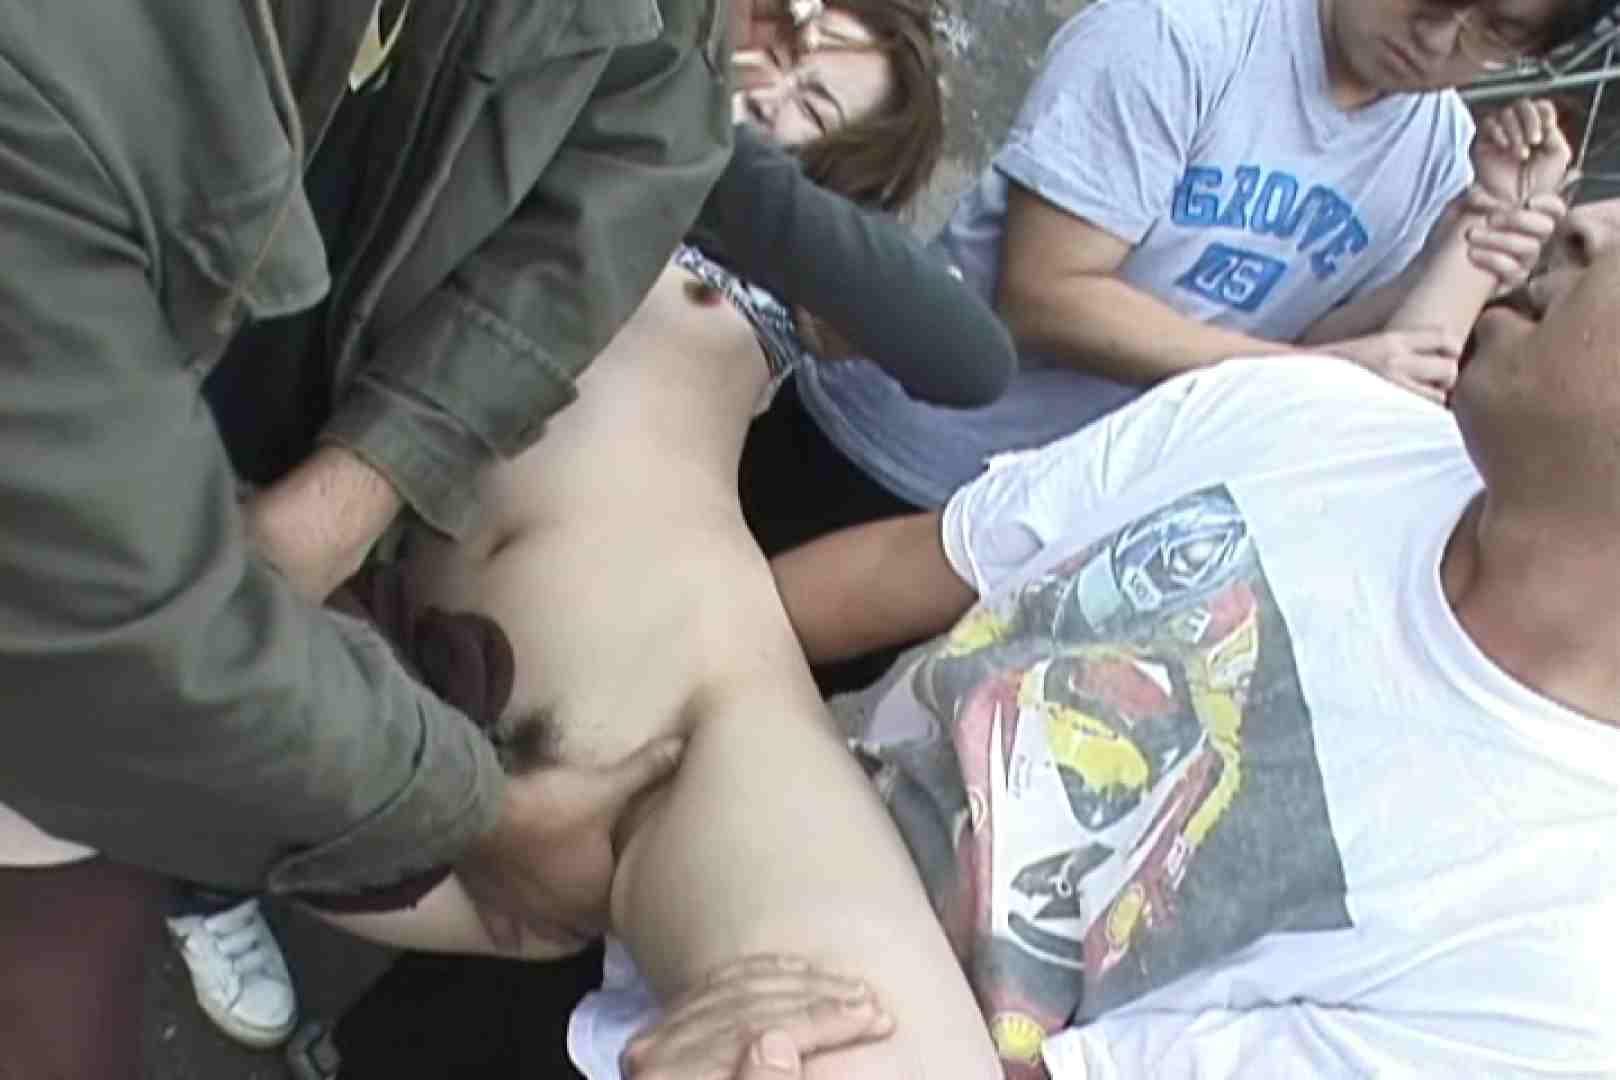 無修正エロ動画:飢えた男達が買い物帰りの女性達に・・・!~vo,2:大奥